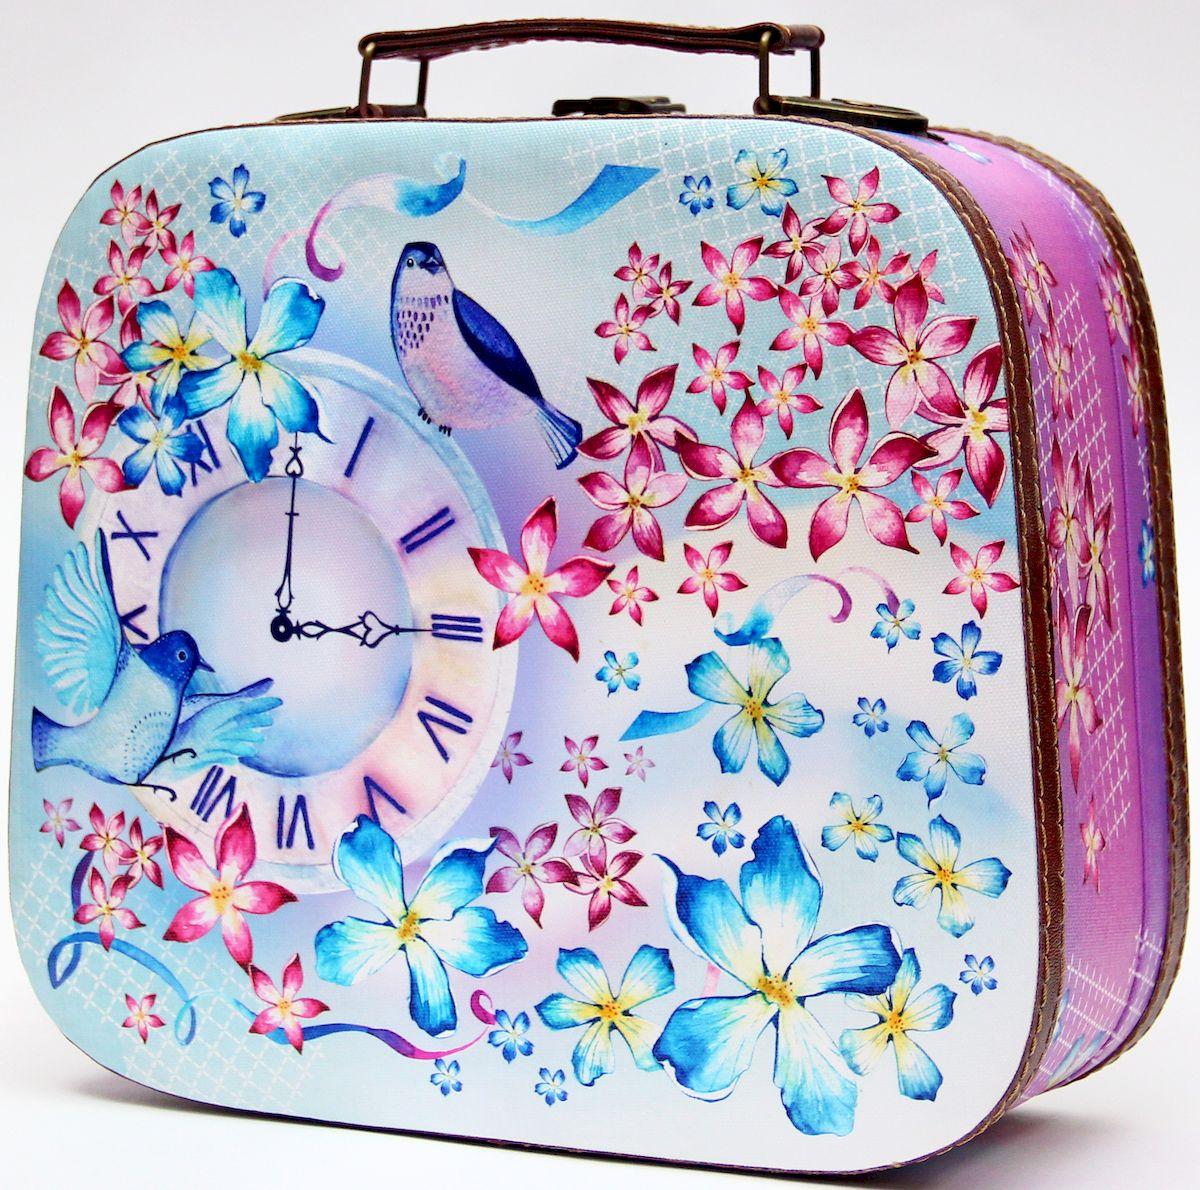 Шкатулка декоративная Magic Home Часы и птичка, цвет: розовый, 28,5 х 25 х 10,5 см42733Декоративная шкатулка Magic Home Часы и птичка, выполненная из МДФ, оформлена ярким цветным изображением. Изделие закрывается на металлический замок и оснащено оригинальной ручкой под старину для переноски. Такая шкатулка может использоваться для хранения бижутерии, предметов рукоделия, в качестве украшения интерьера, а также послужит хорошим подарком для человека, ценящего практичные и оригинальные вещицы.